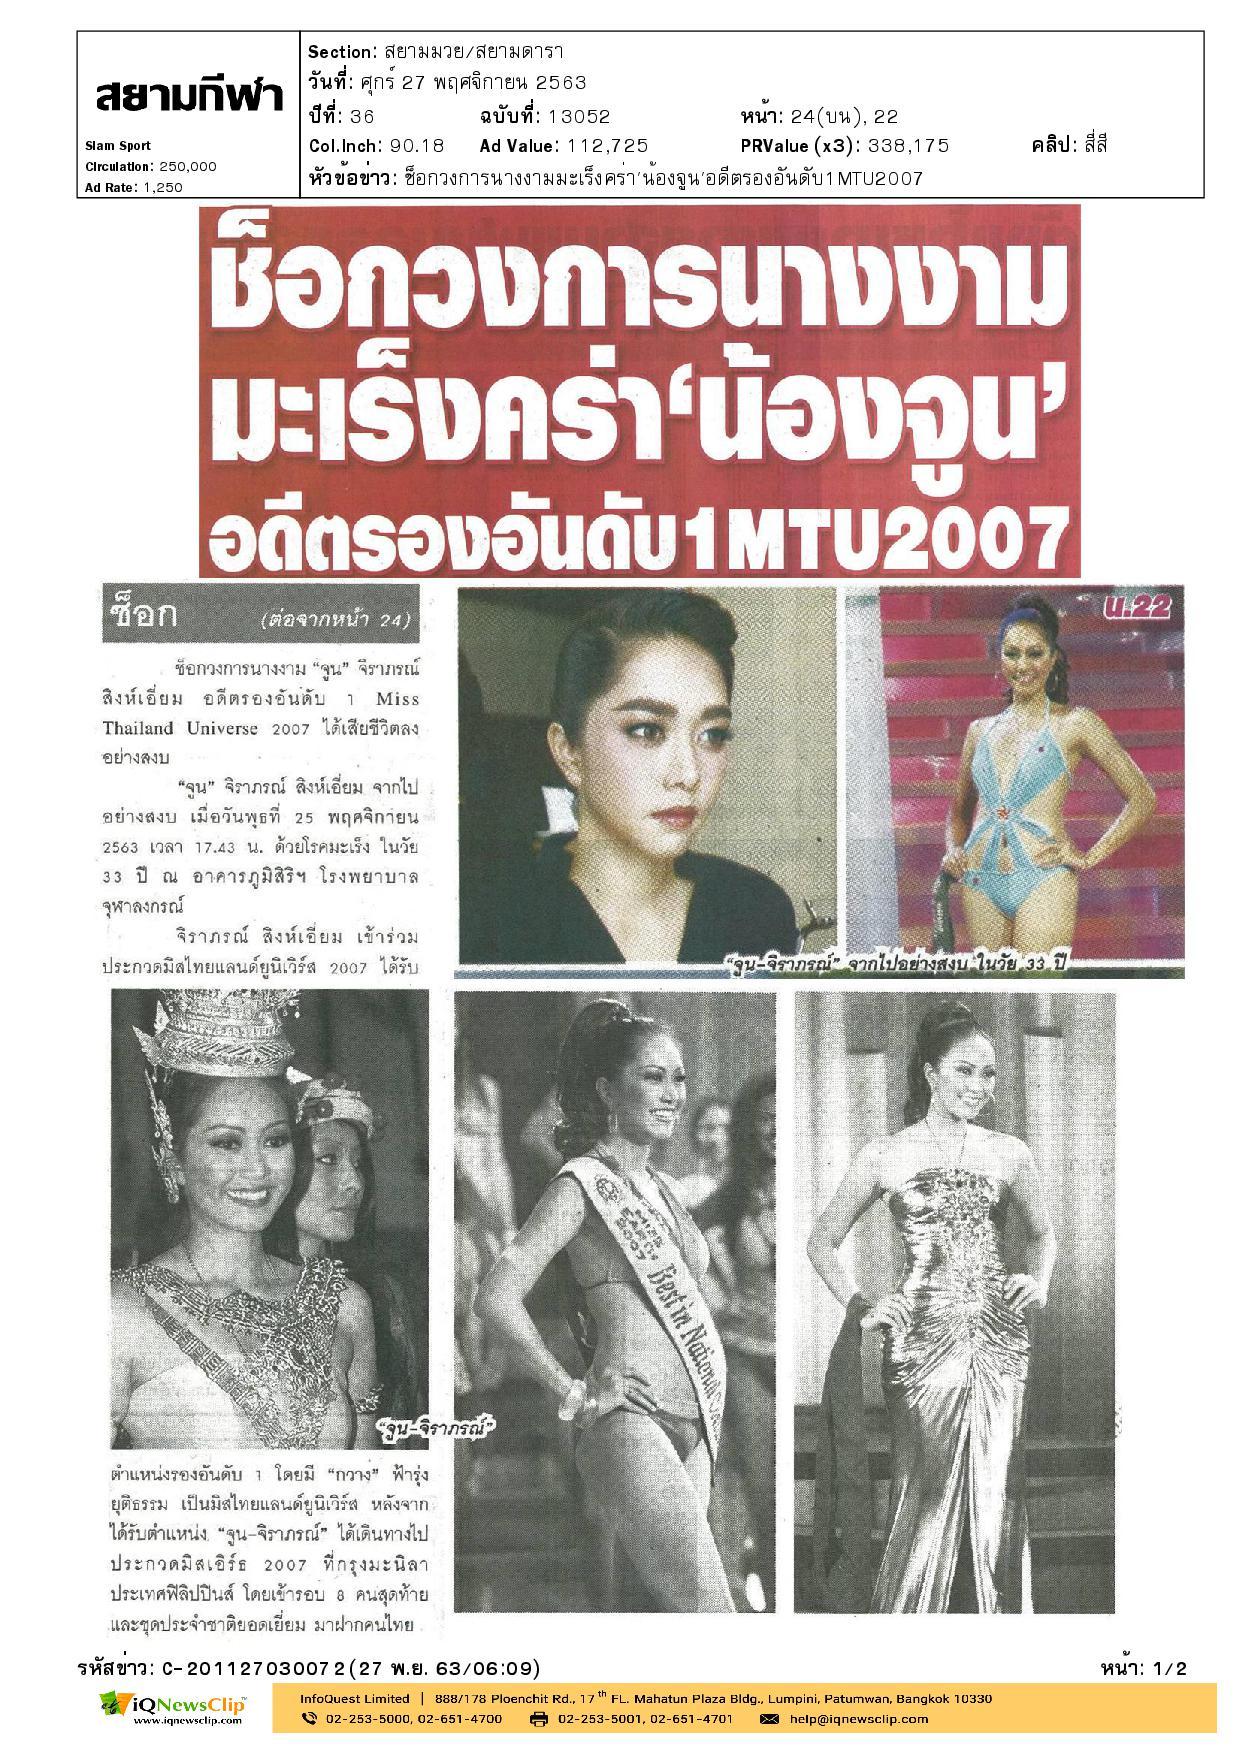 อดีตรองอันดับ 1 Miss Thailand Universe 2007 เสียชีวิต รพ.จุฬาฯ